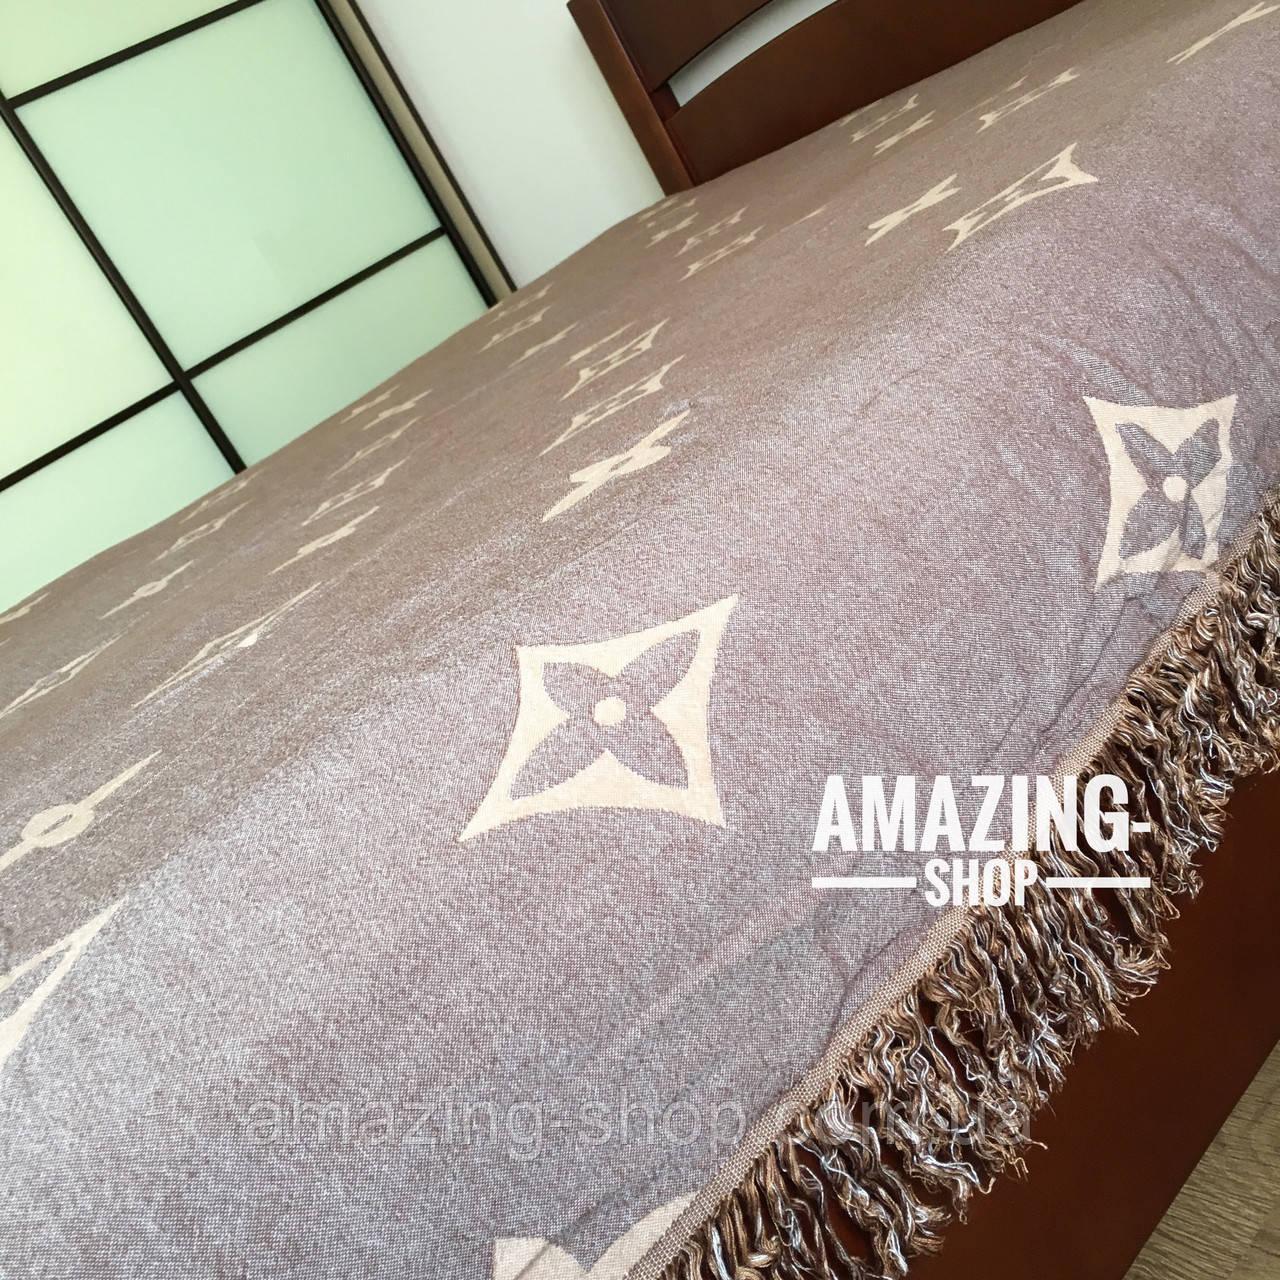 Літній покривала, ковдру, простирадло COLORFUL HOME. Розмір: 220*240 см